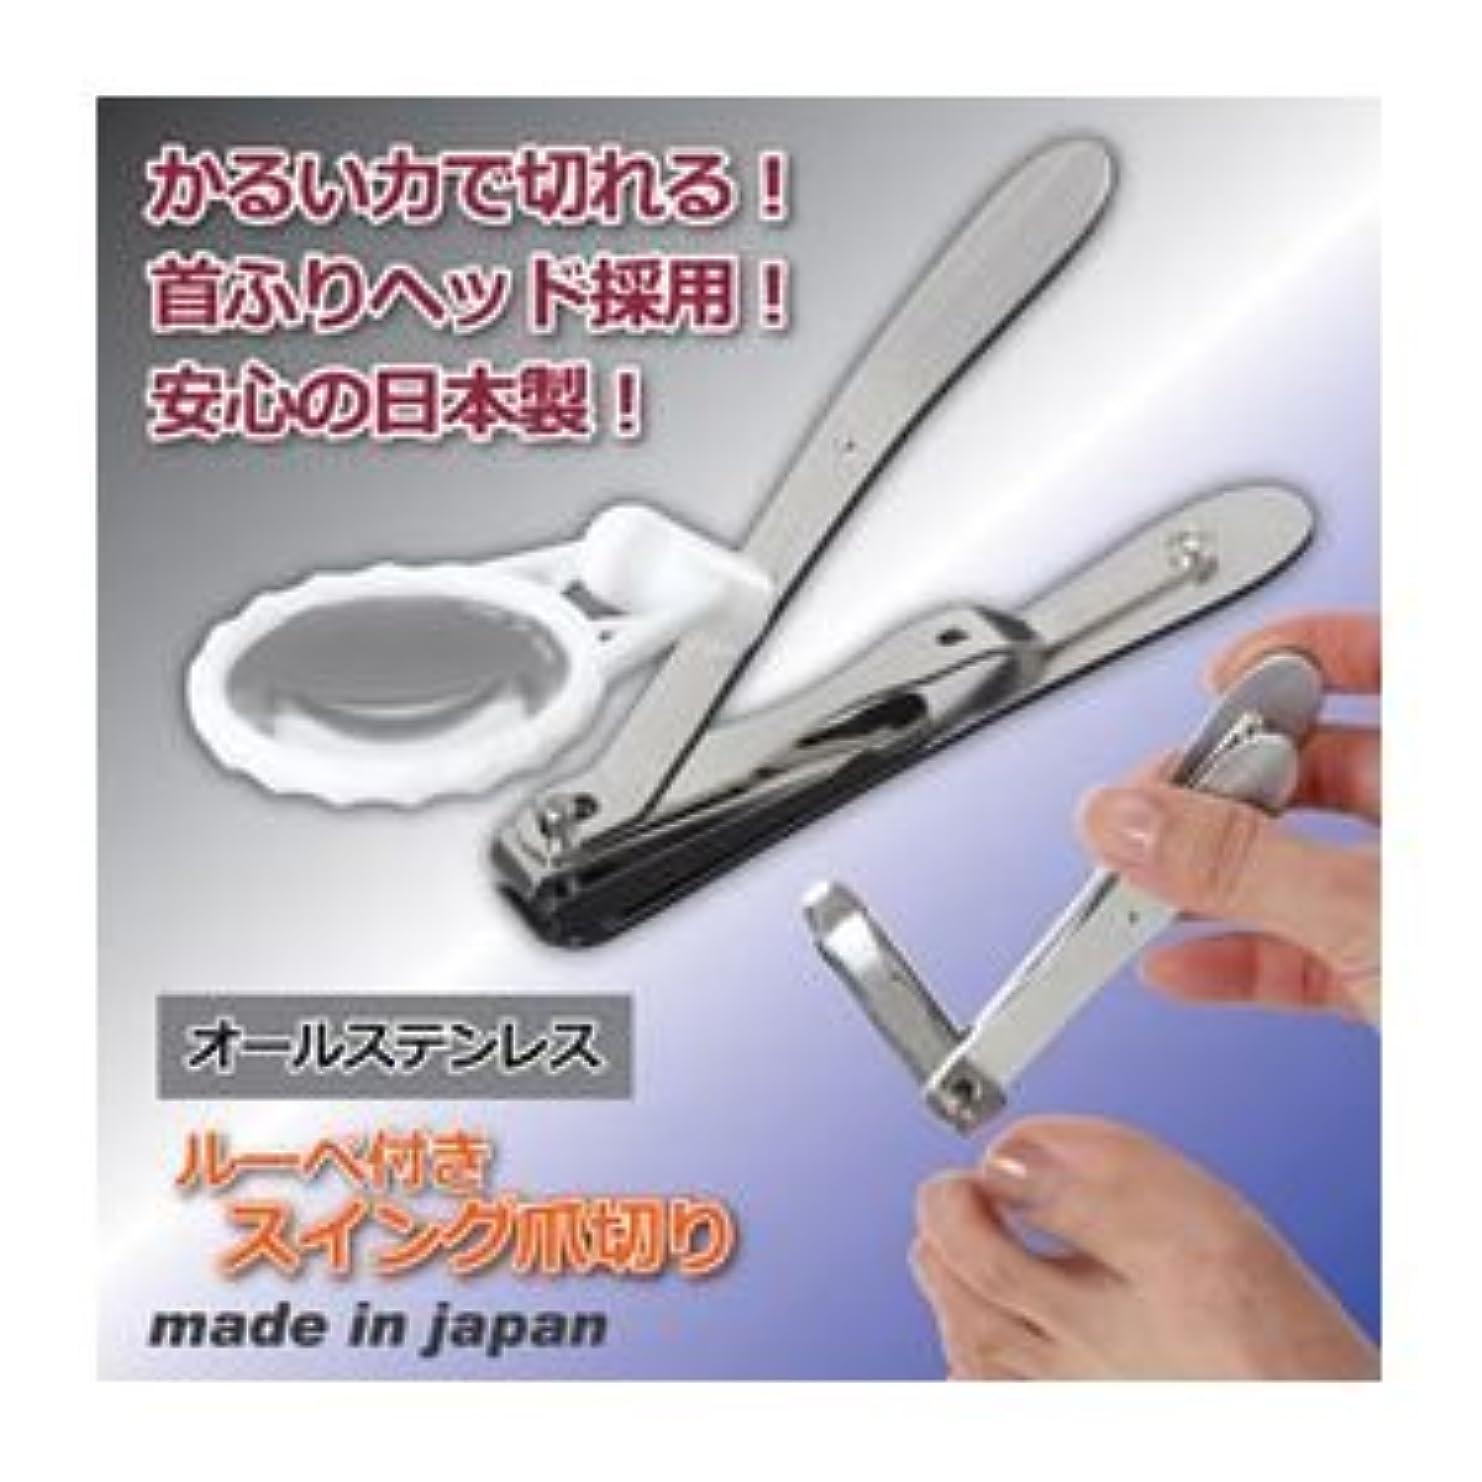 召喚する味付けガウン鵜飼洋鋏 スイング爪切り(ルーペ付) 809692(×2セット)